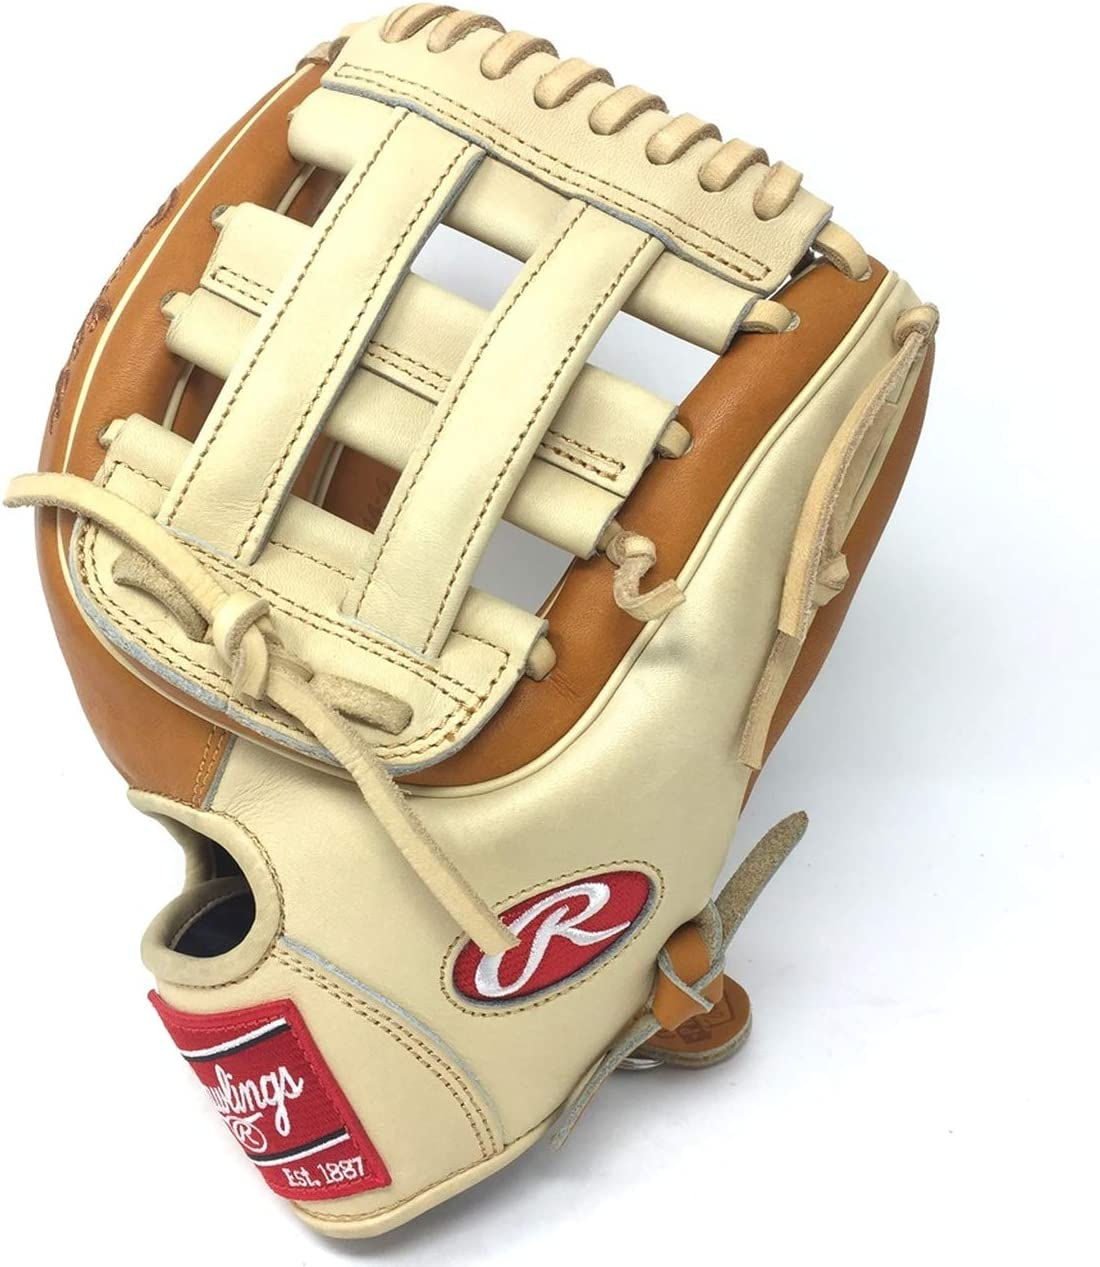 100%品質保証! Rawlings Heart of The Hide 売れ筋ランキング PRO314 Glove H 11.5 Righ Baseball Web